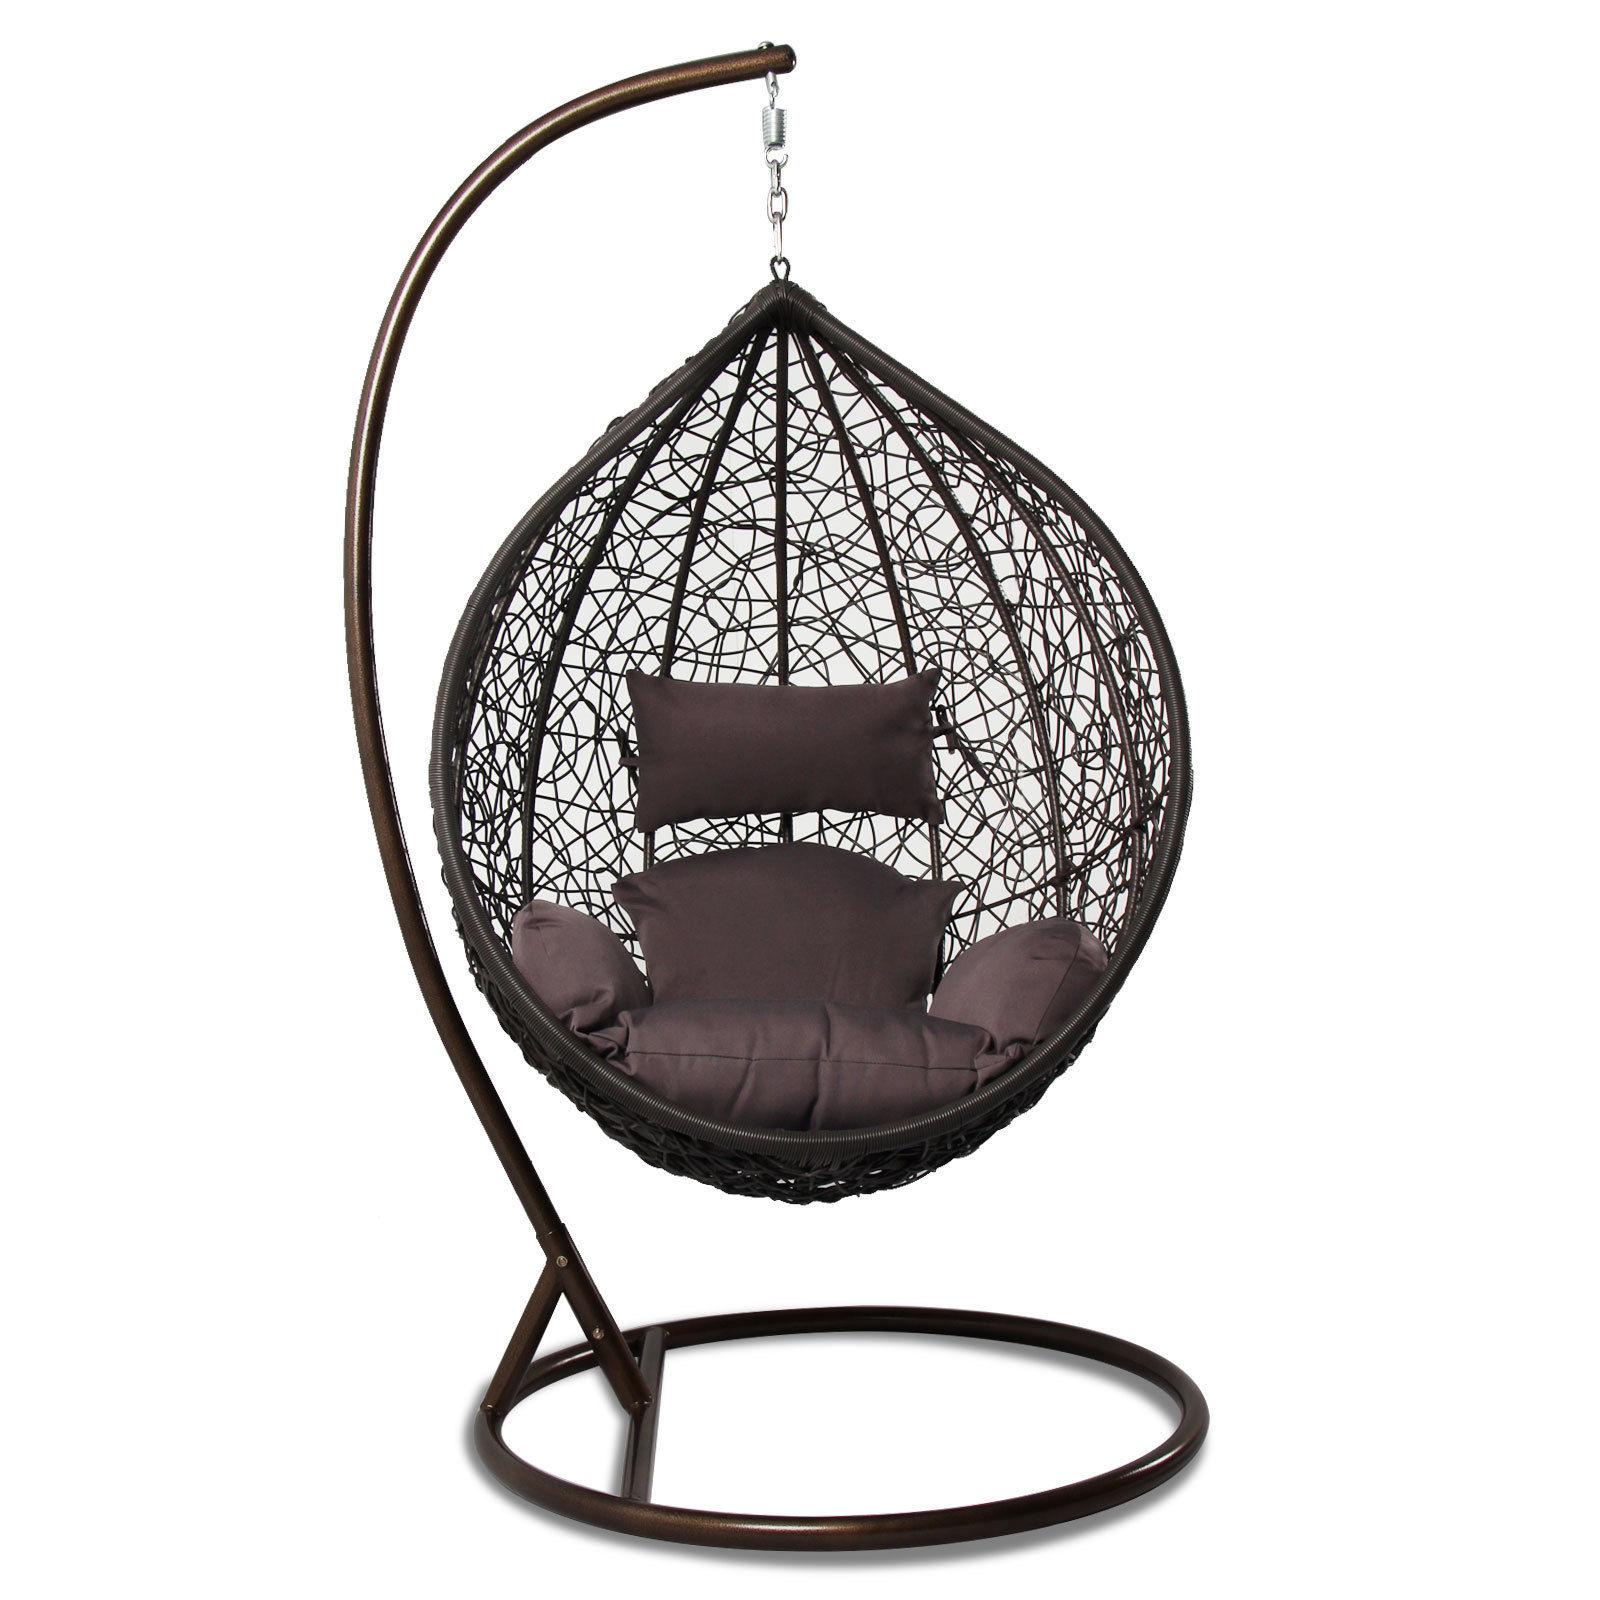 Tear Drop Outdoor Hanging Hammock Wicker Swing Chair Egg ...